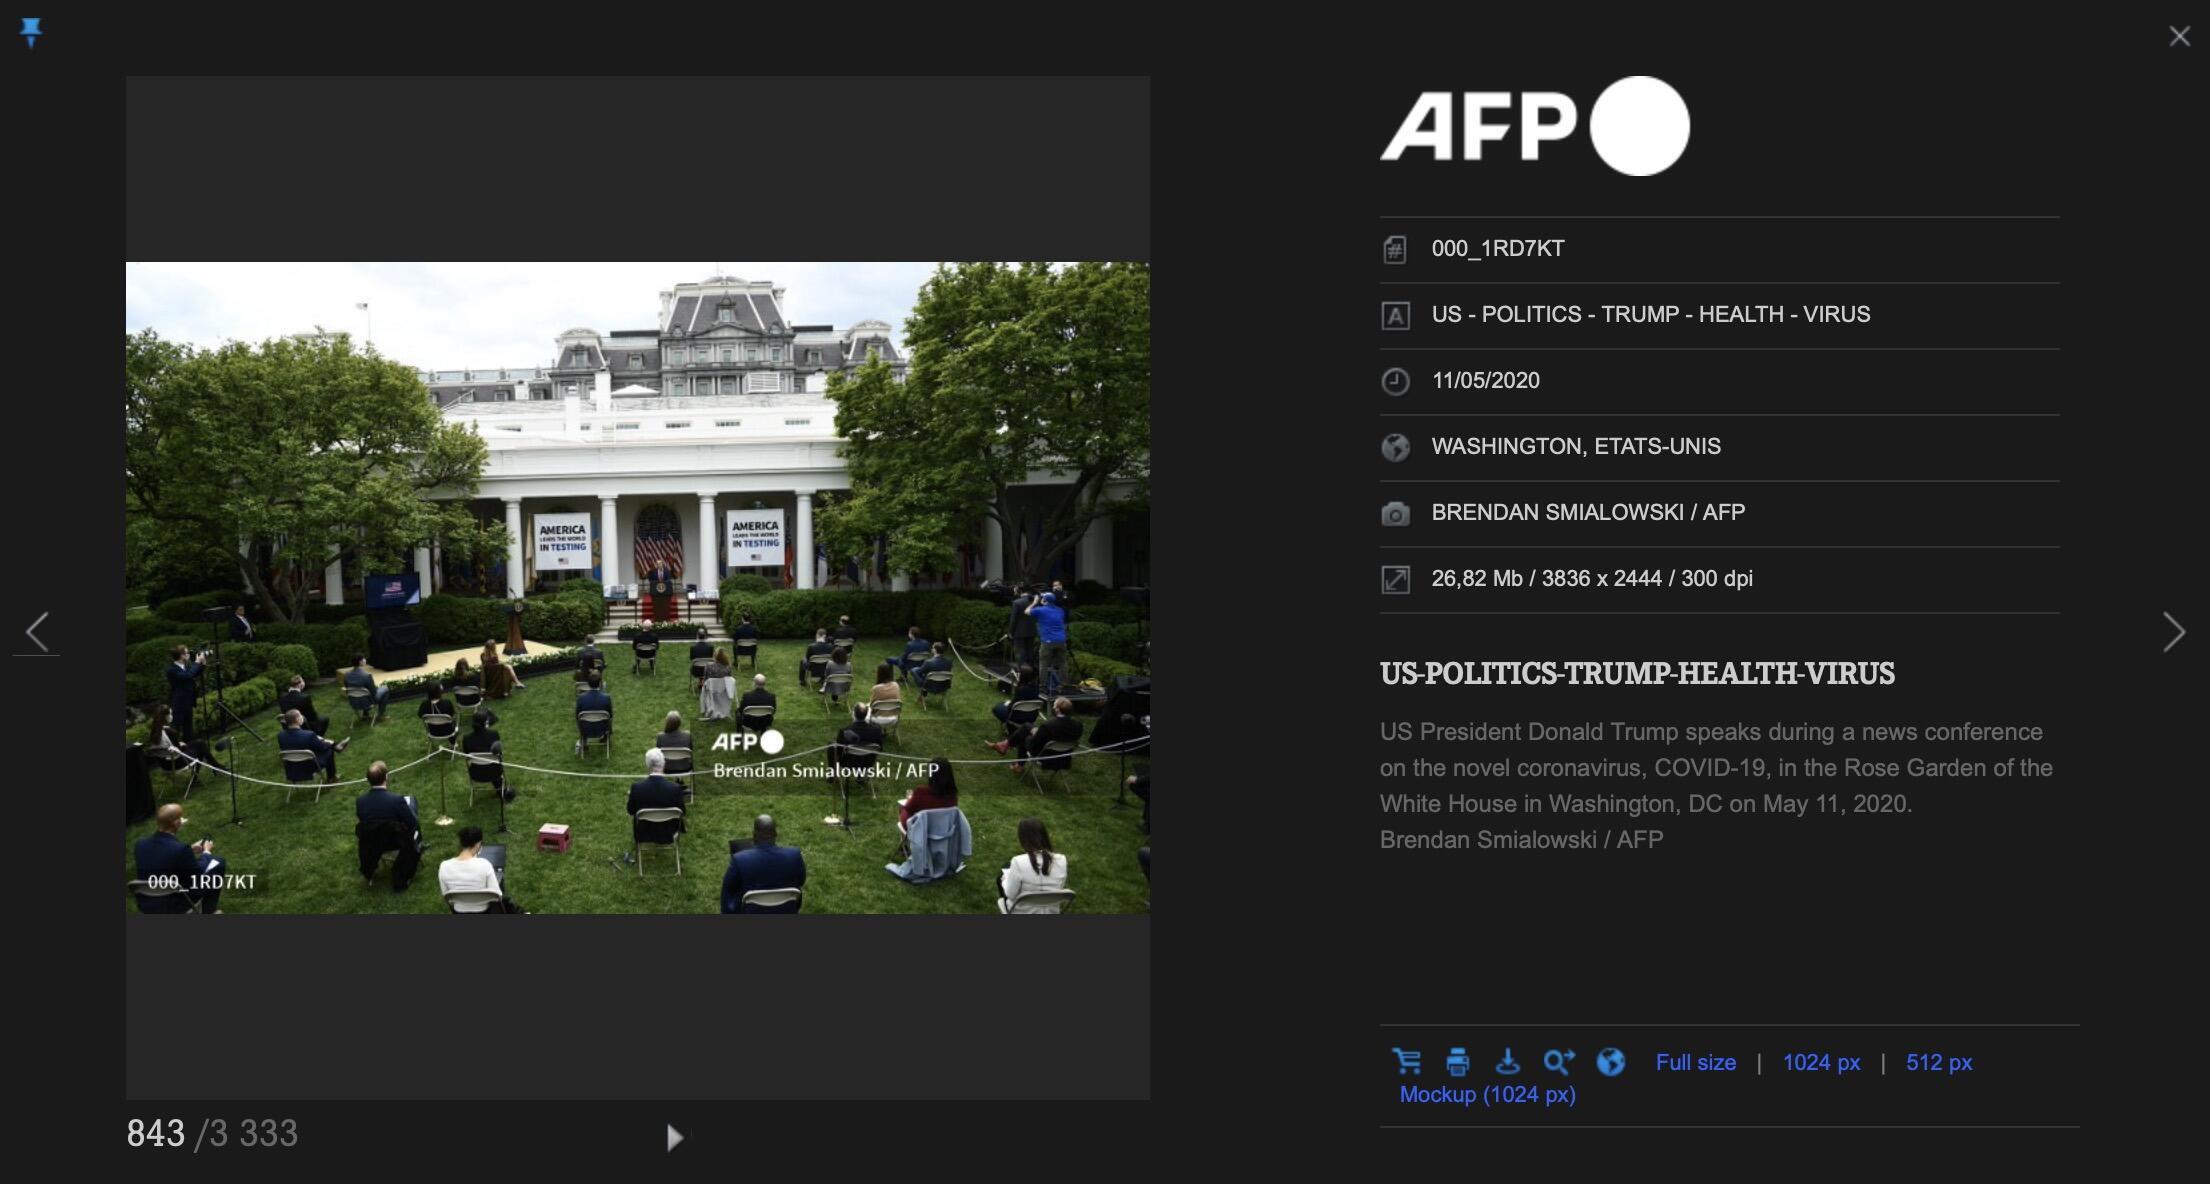 Capture d'écran de la photo visible sur la bibliothèque d'images de l'AFP, photo prise pour l'AFP par Brendan Smialowski le 11 mai 2020.